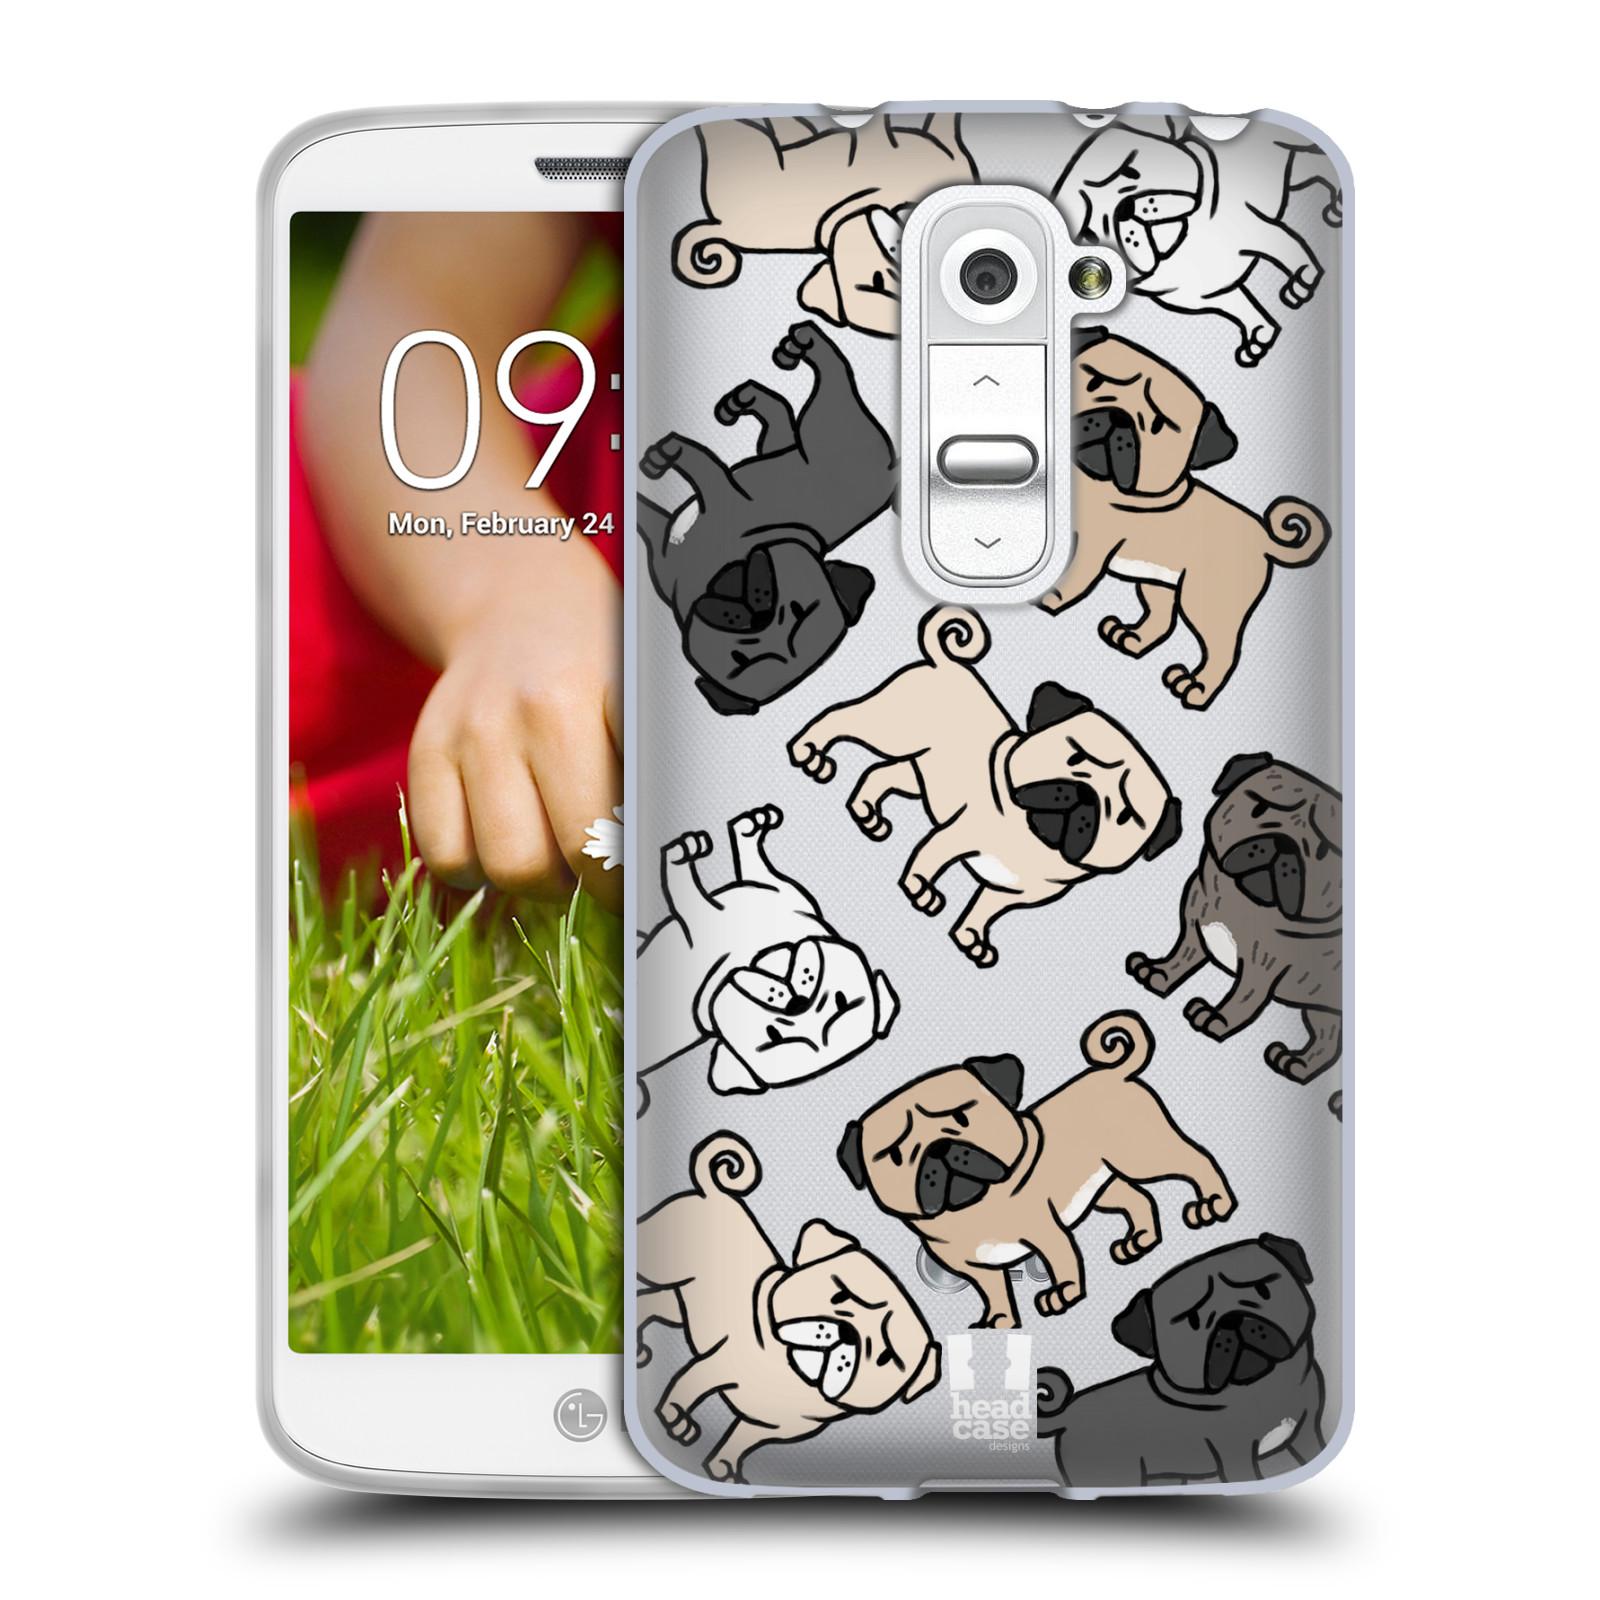 Silikonové pouzdro na mobil LG G2 Mini Head Case - Mopsíci (Silikonový kryt či obal na mobilní telefon s motivem mopsíků pro LG G2 Mini D620)